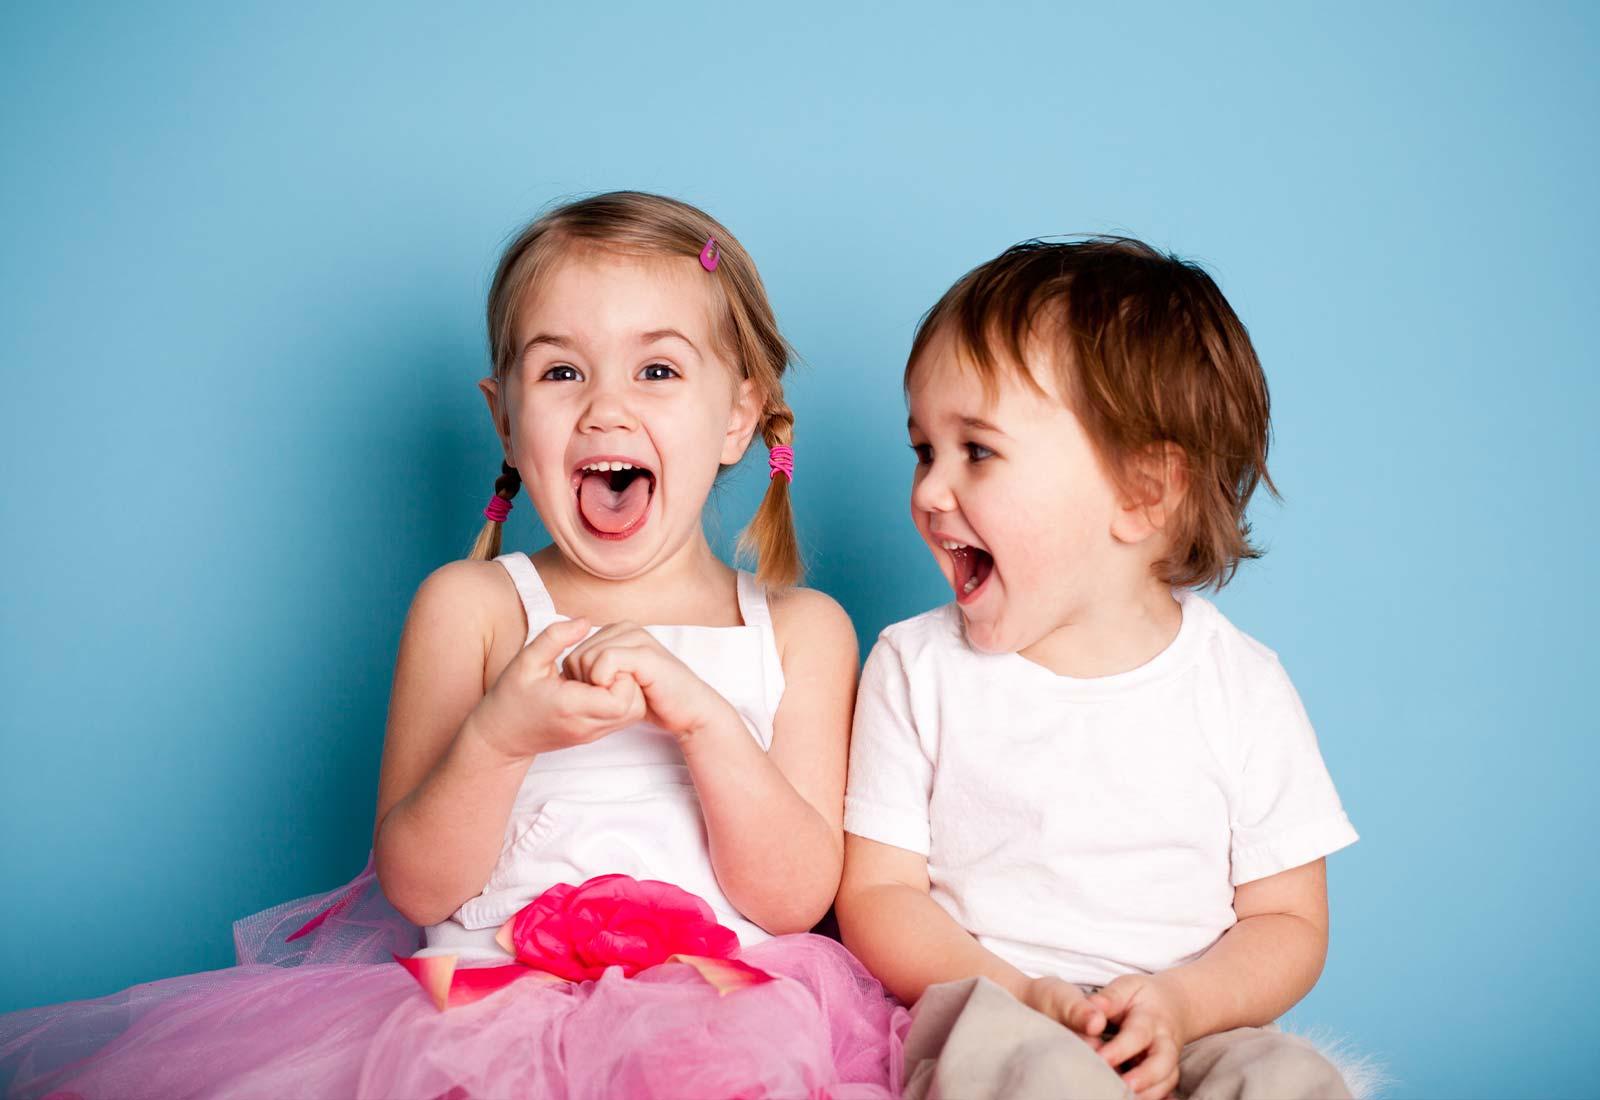 Bambini e carta igienica: come imparare a usarla